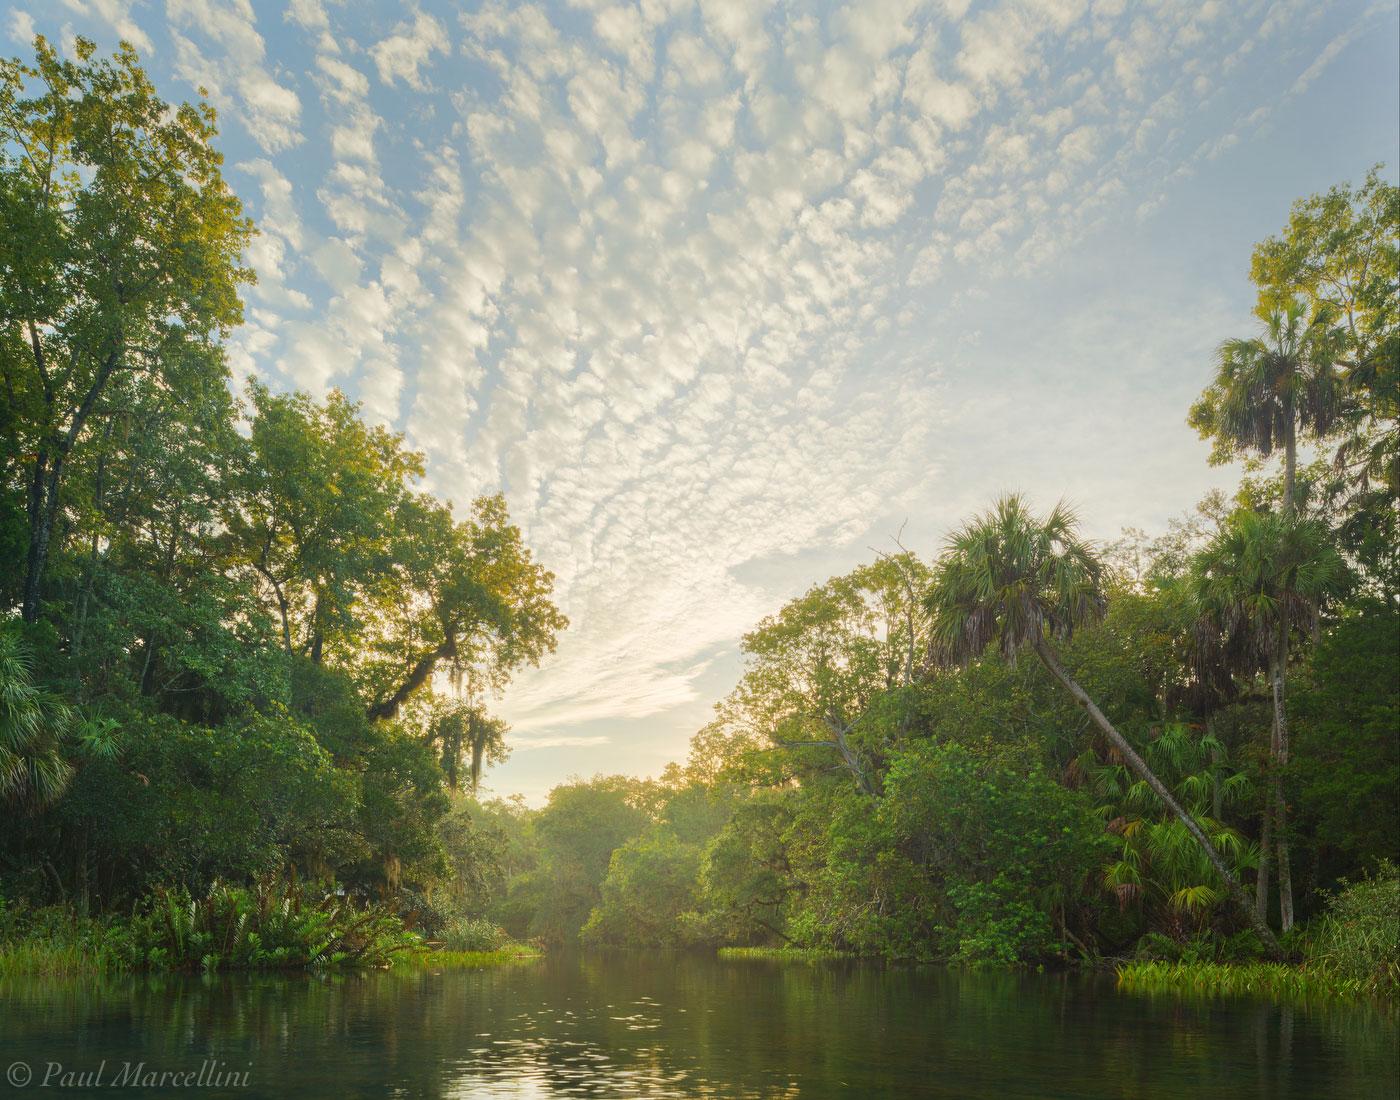 chassahowitzka national wildlife refuge, chassahowitzka river, chaz, morning, florida, north florida, nature, photography, chassahowitzka, photo